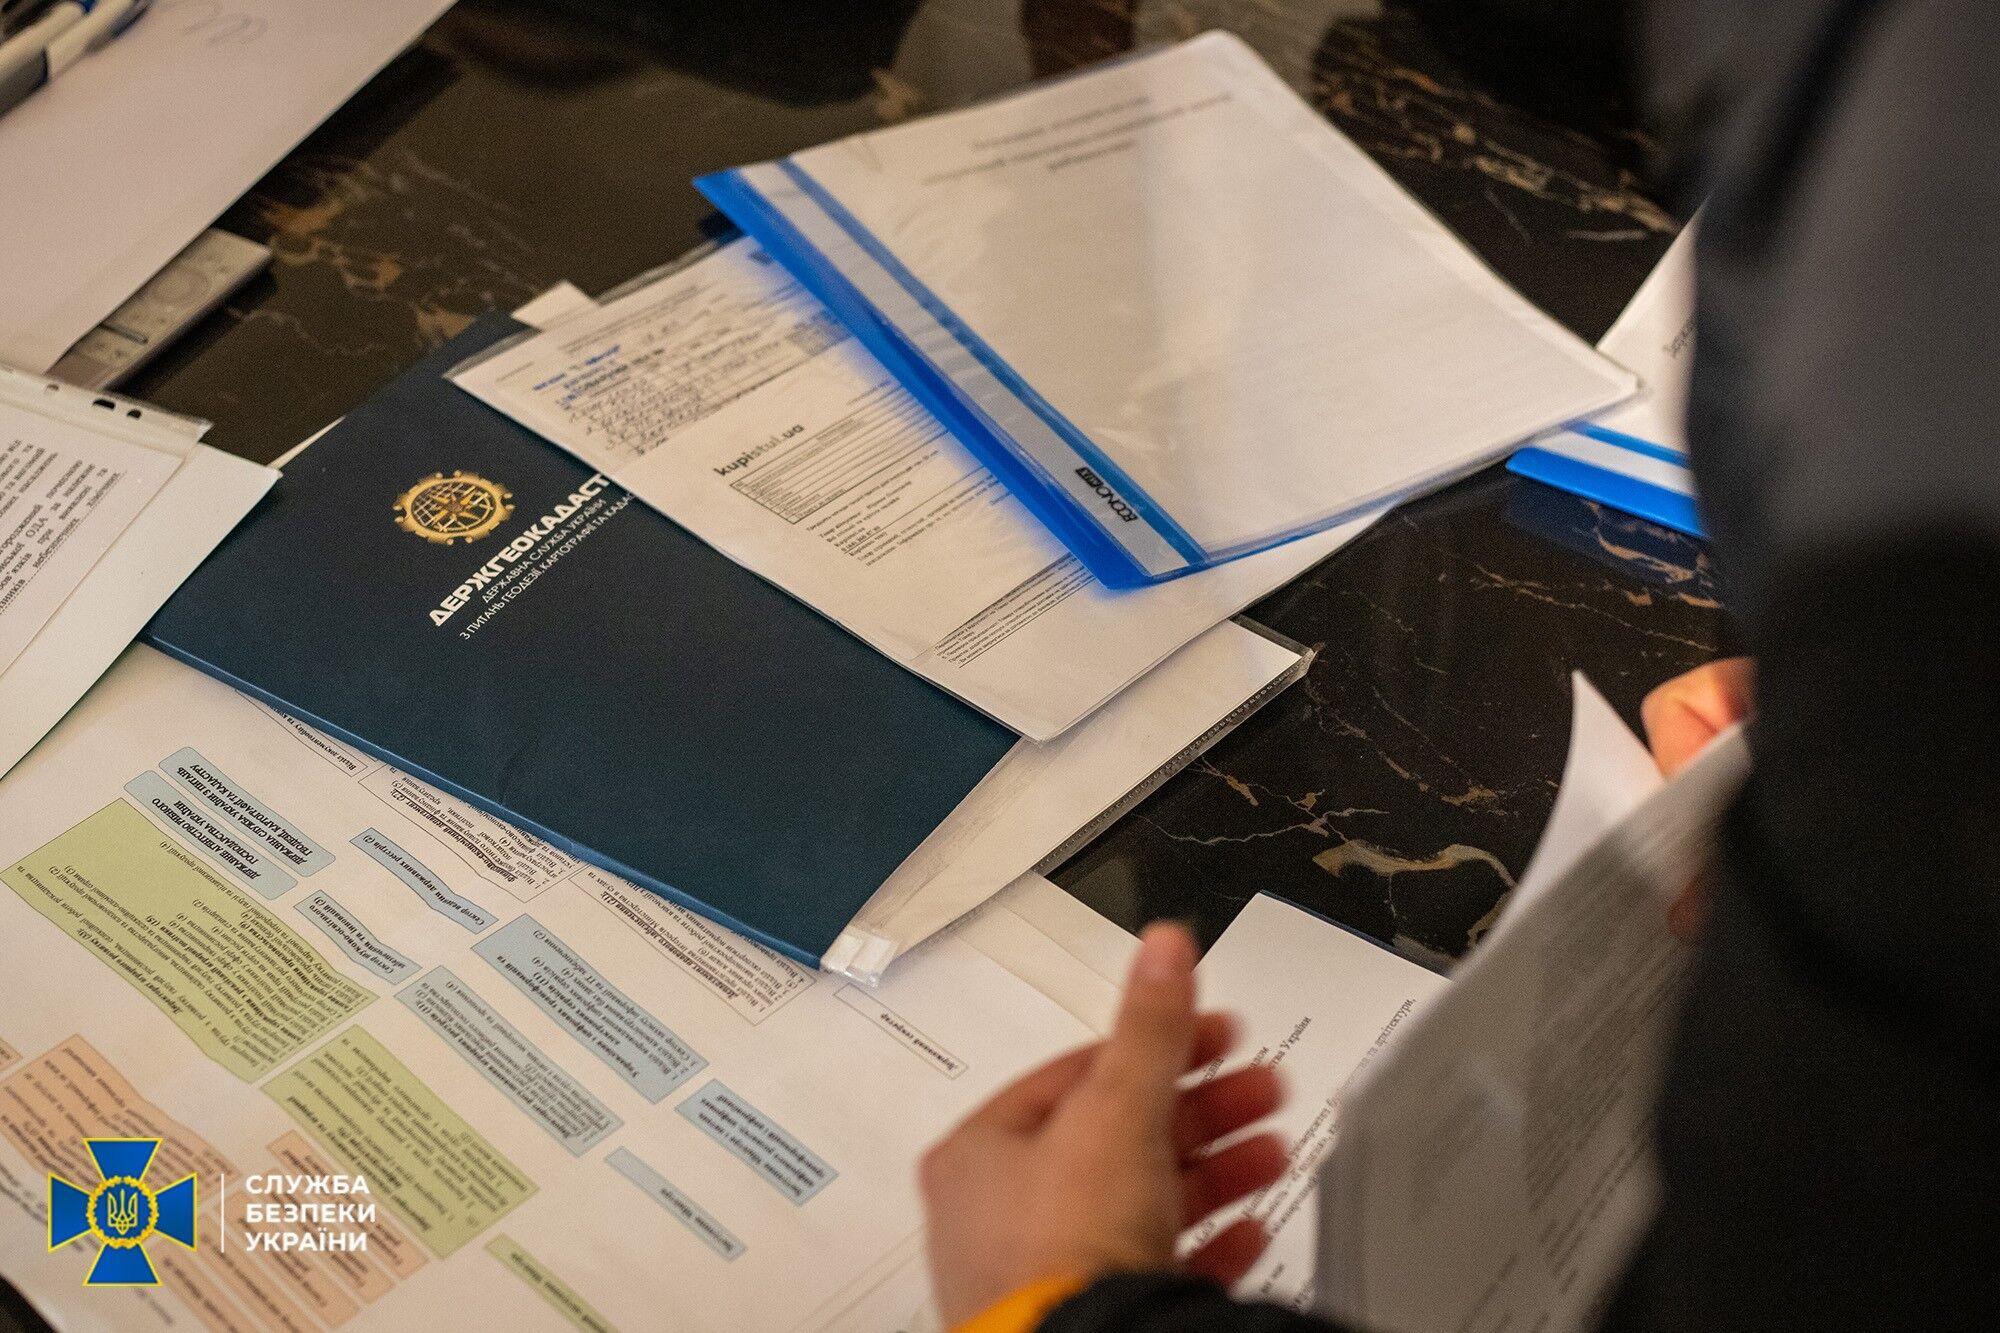 Были обнаружены документы и печати.